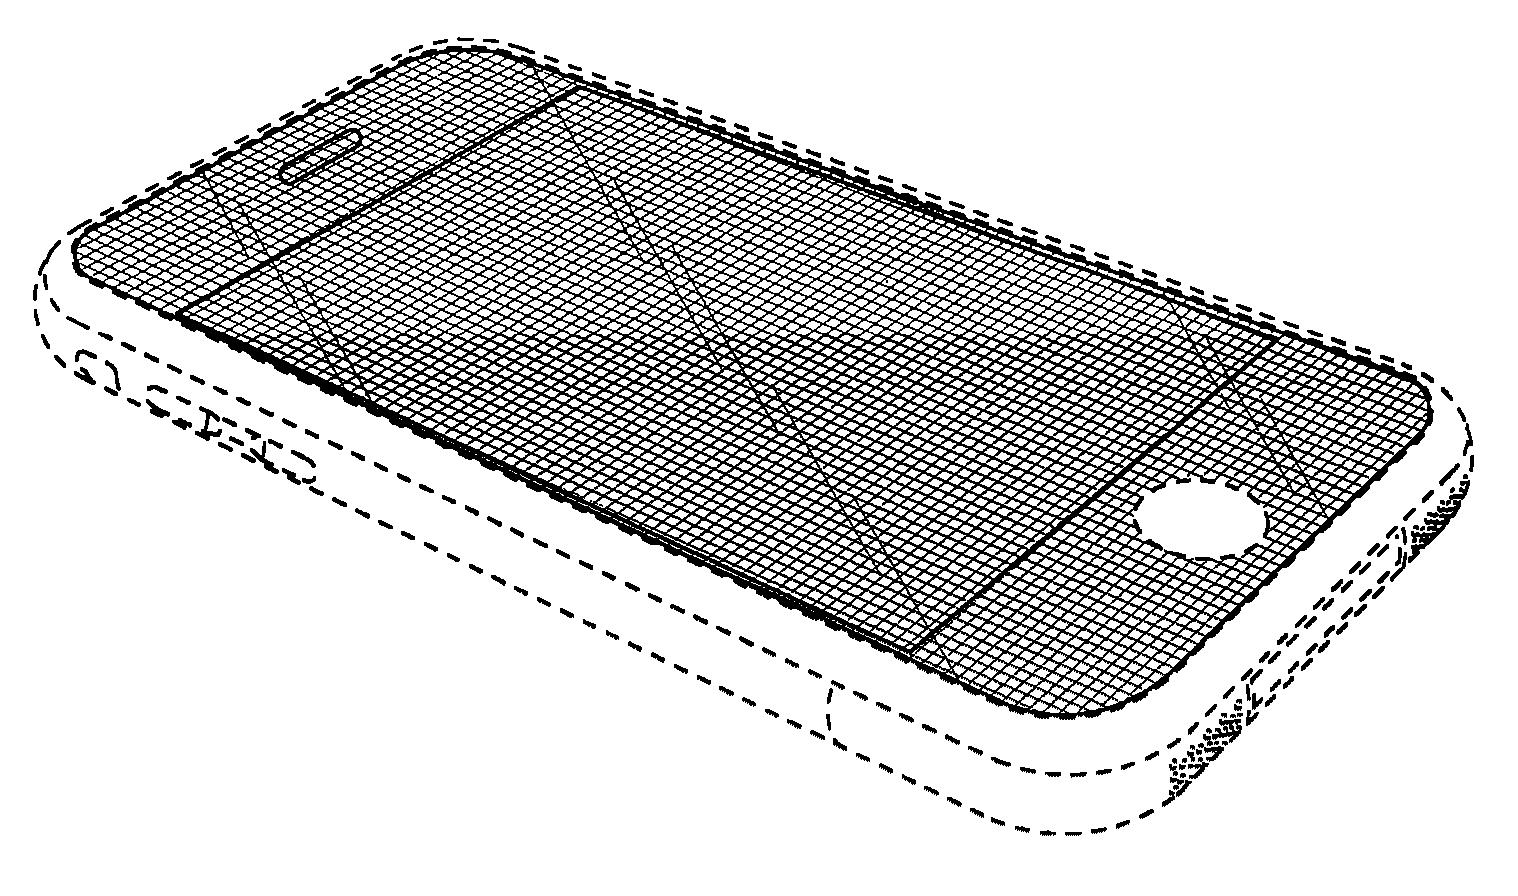 US-D618677-S1